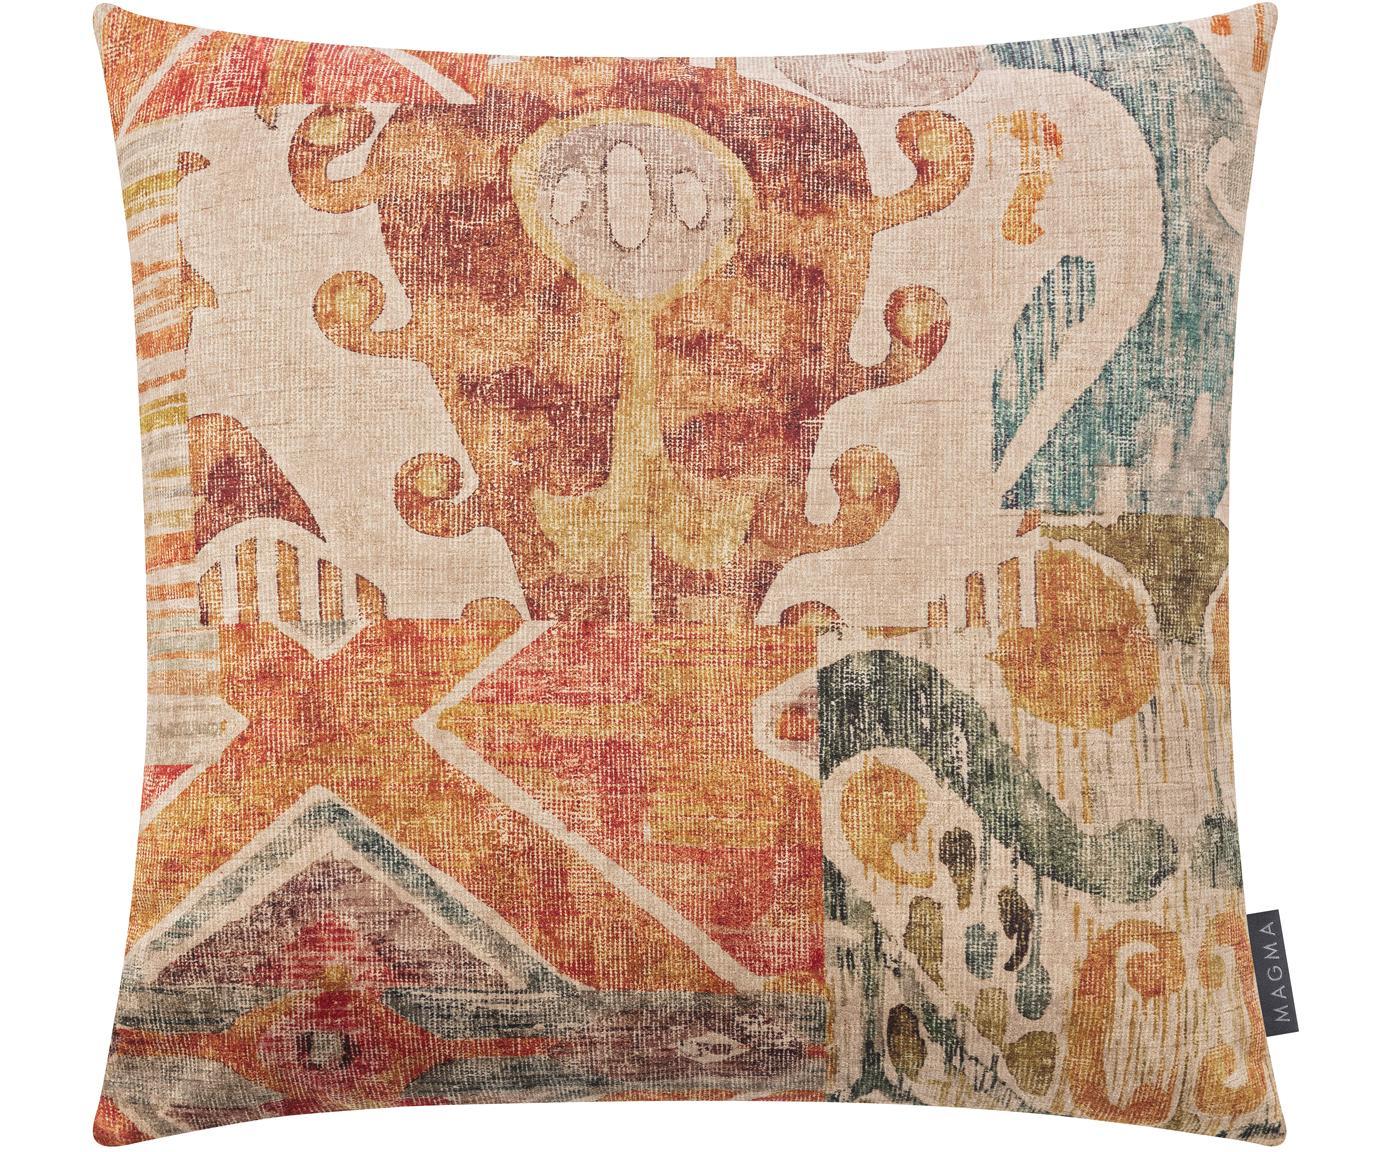 Poszewka na poduszkę z aksamitu Cosima, Aksamit poliestrowy, Pomarańczowy, wielobarwny, S 40 x D 40 cm